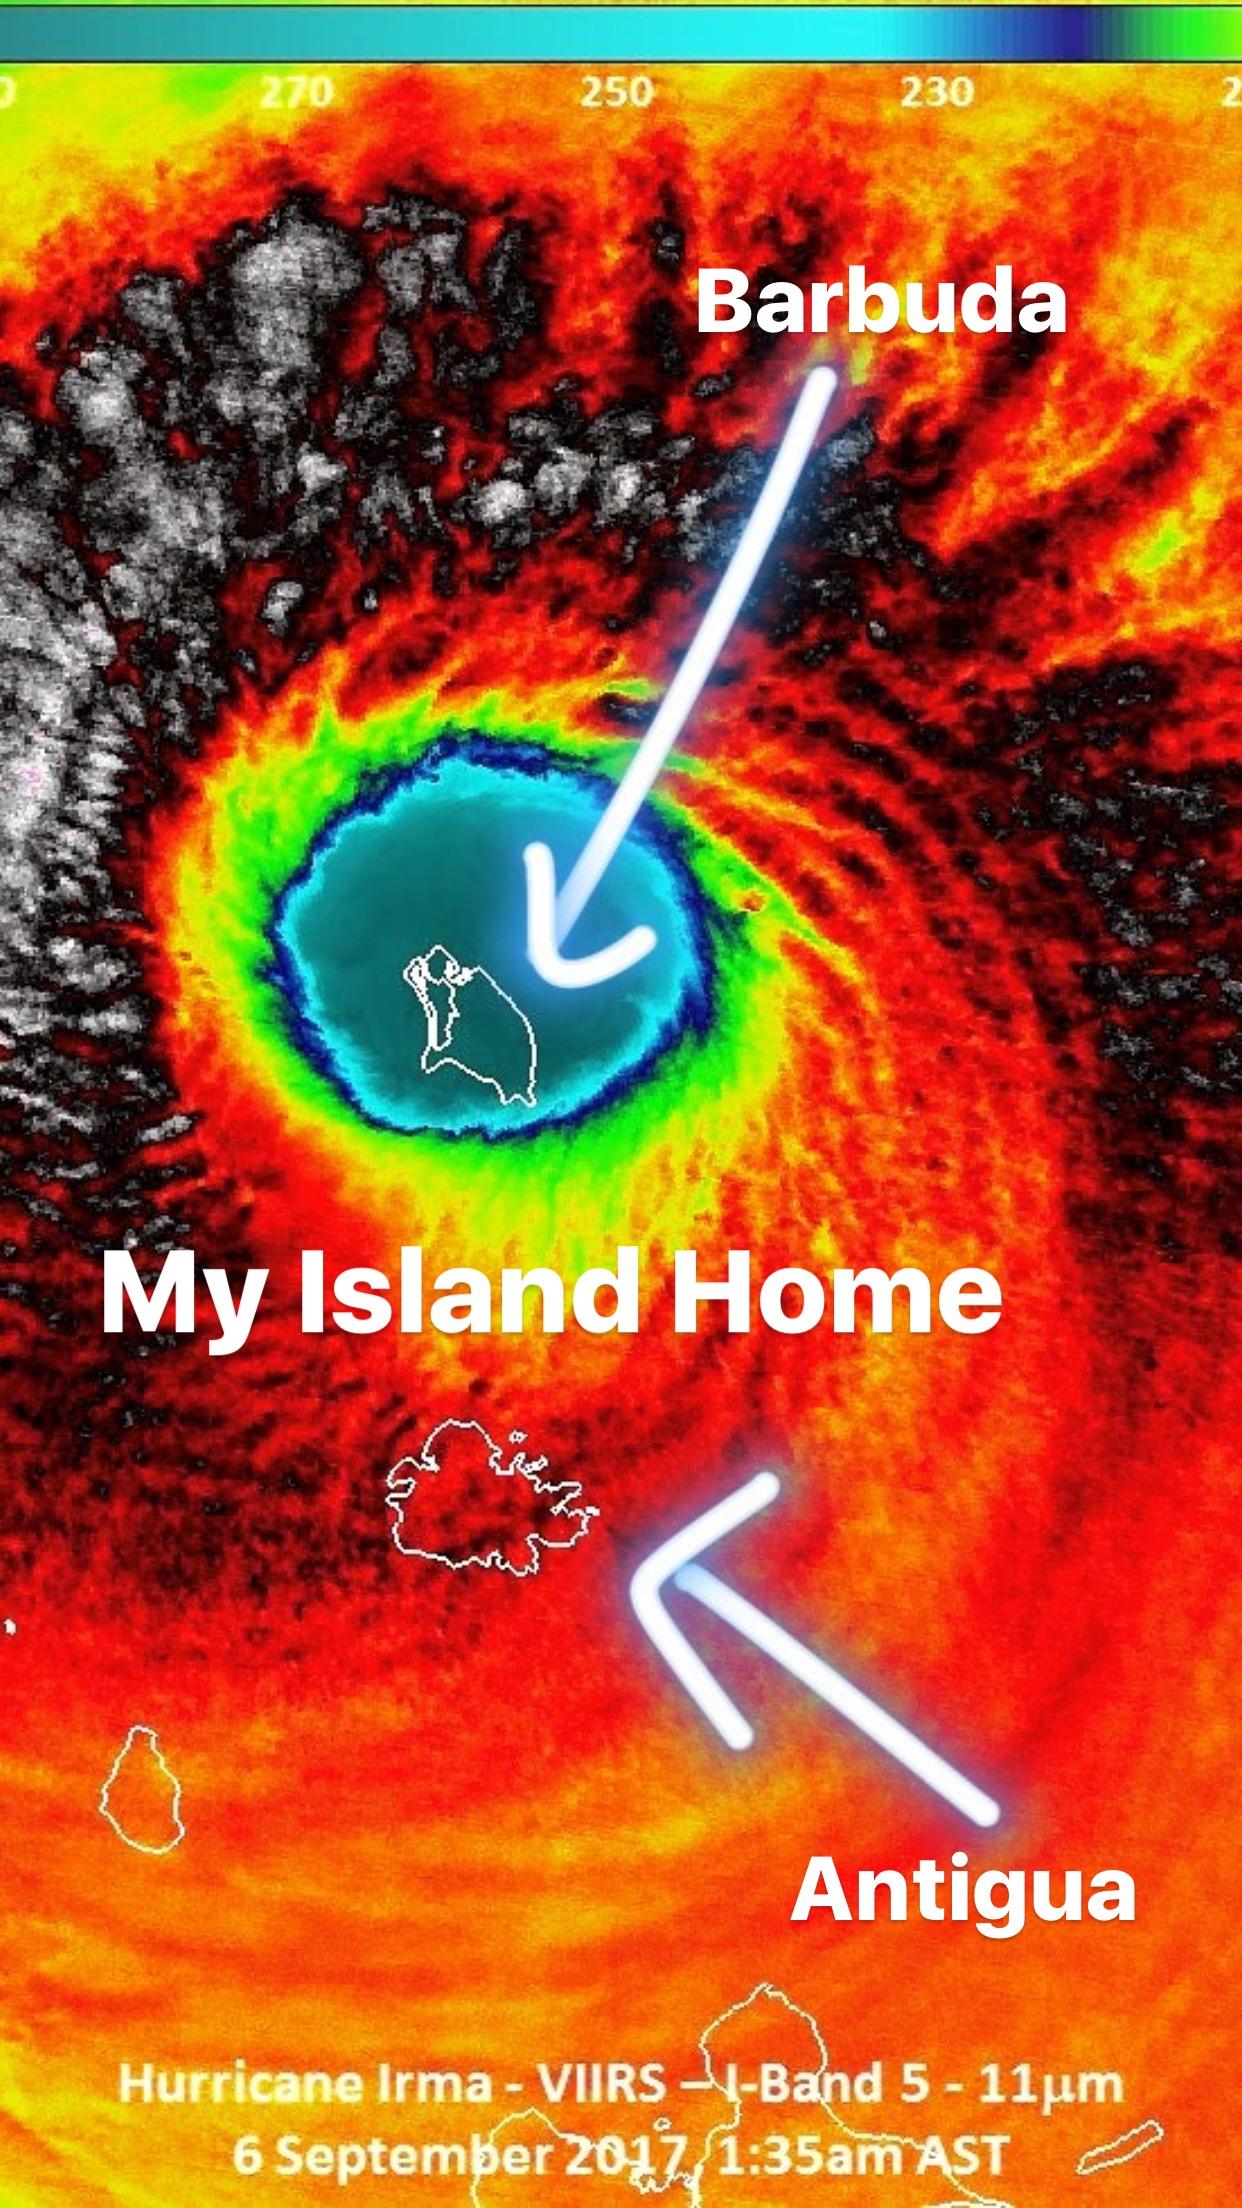 Barbuda in The Eye of Irma